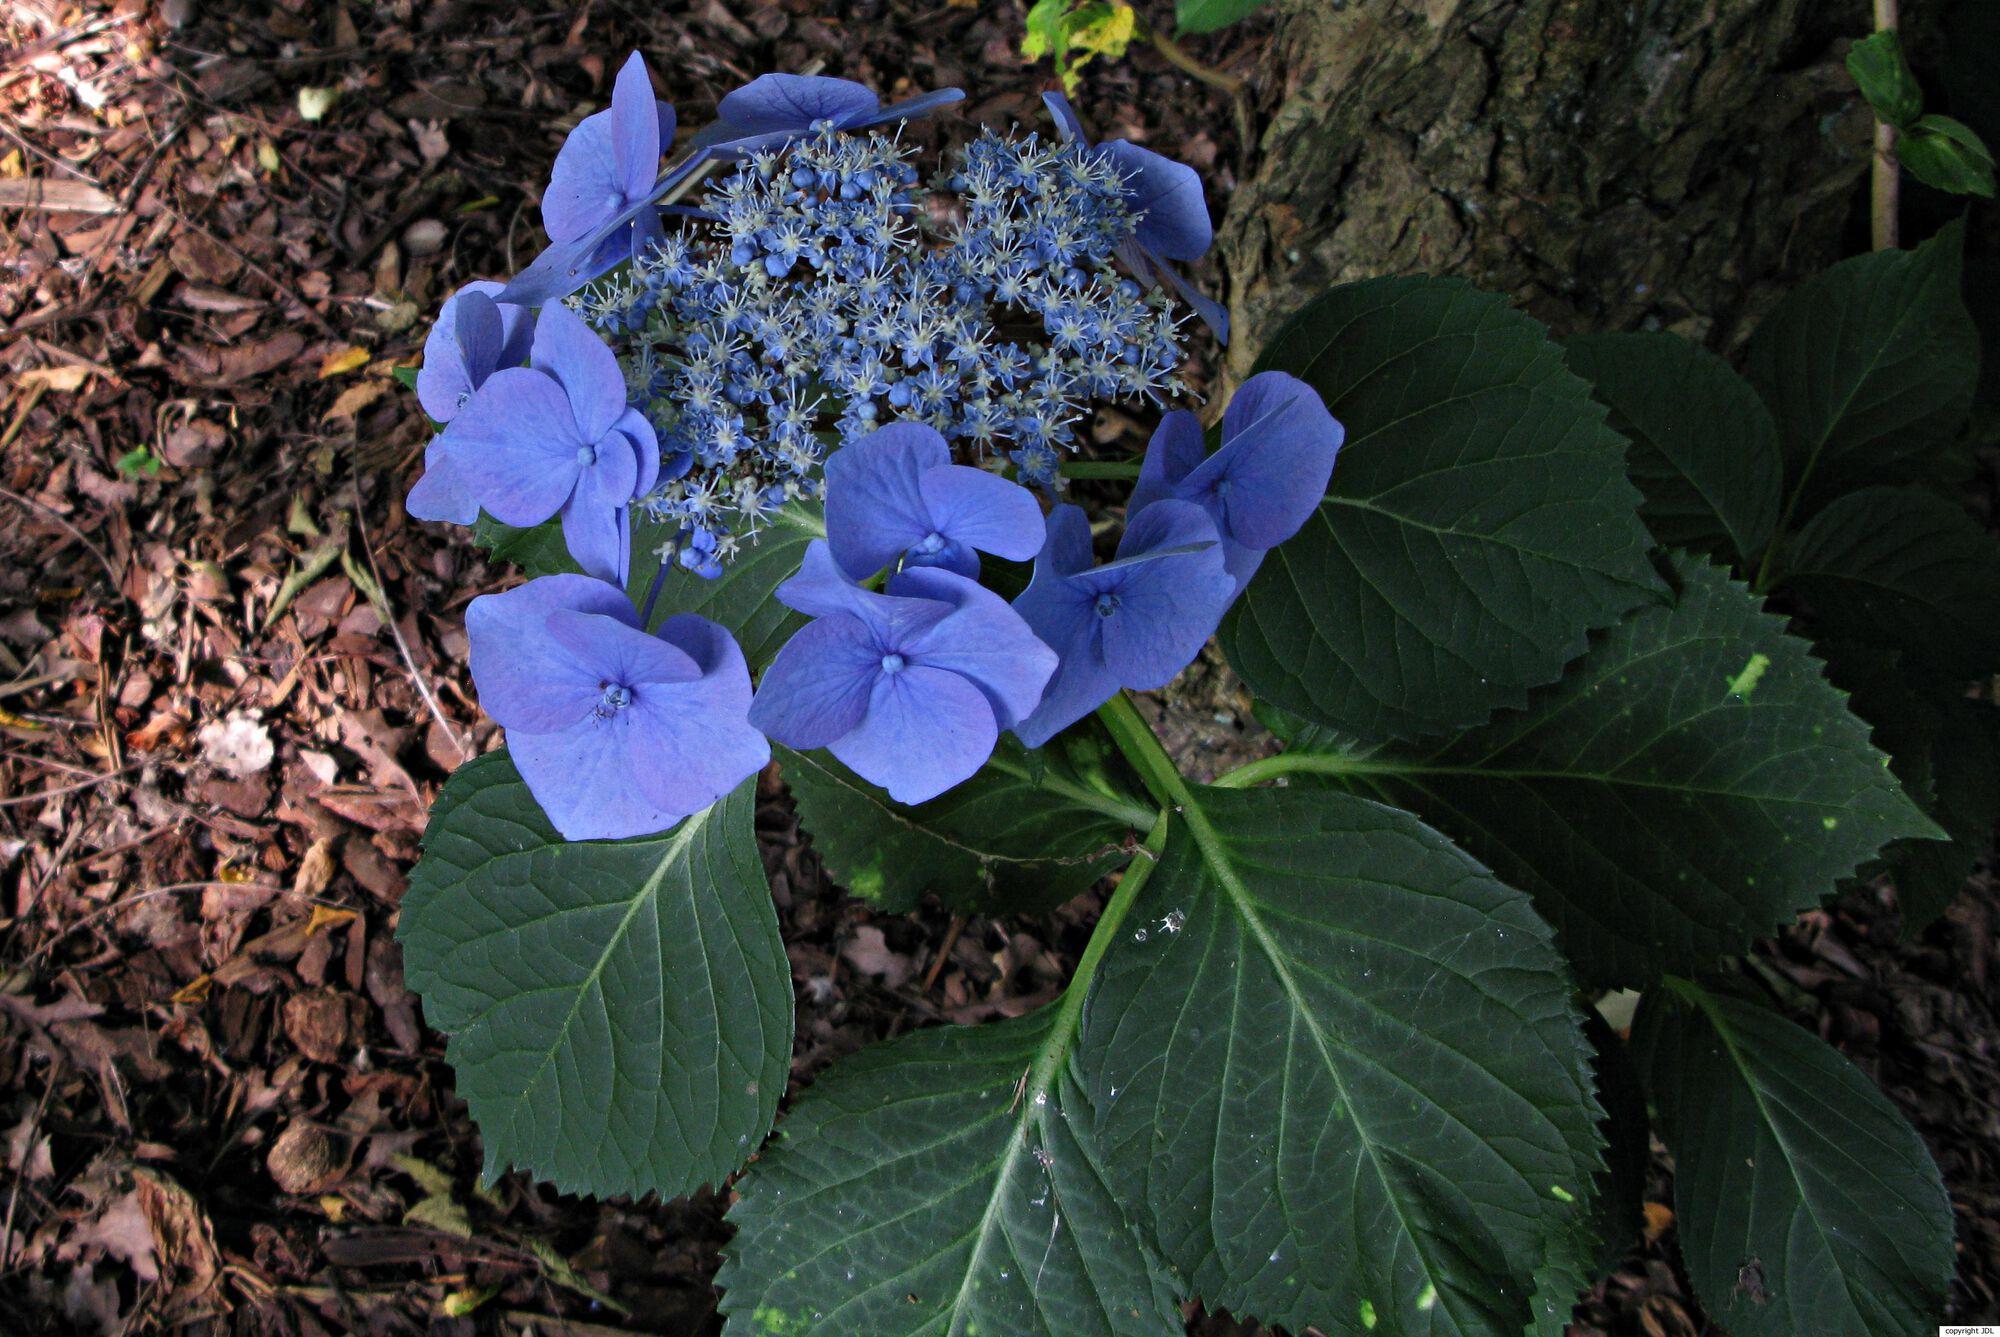 Hydrangea macrophylla (Thunb.) Ser. 'Blue Sky'